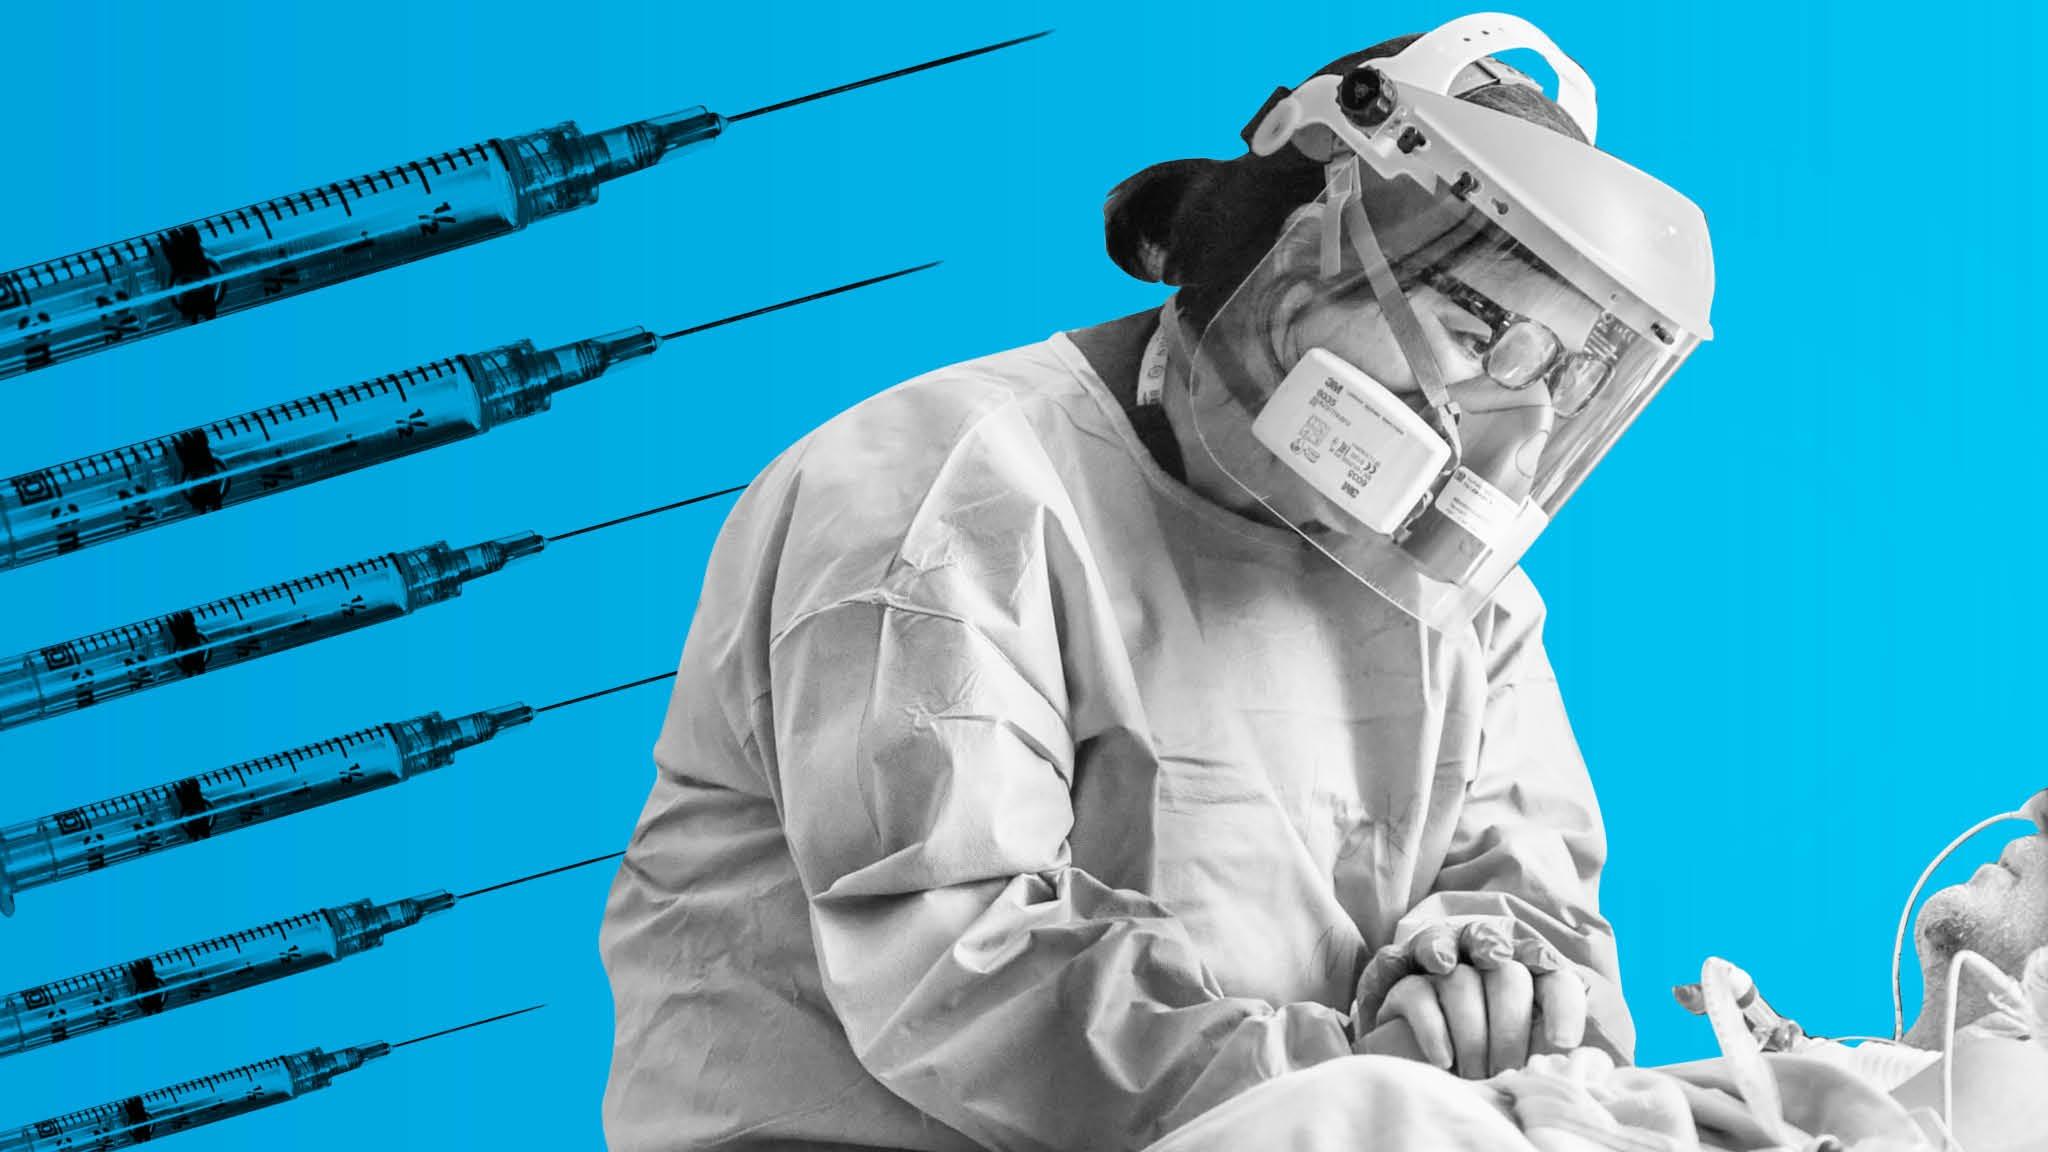 DSÖ: 335 Milyon Aşı Uygulandı, Aşıdan Dolayı Hiç Kimse Ölmedi